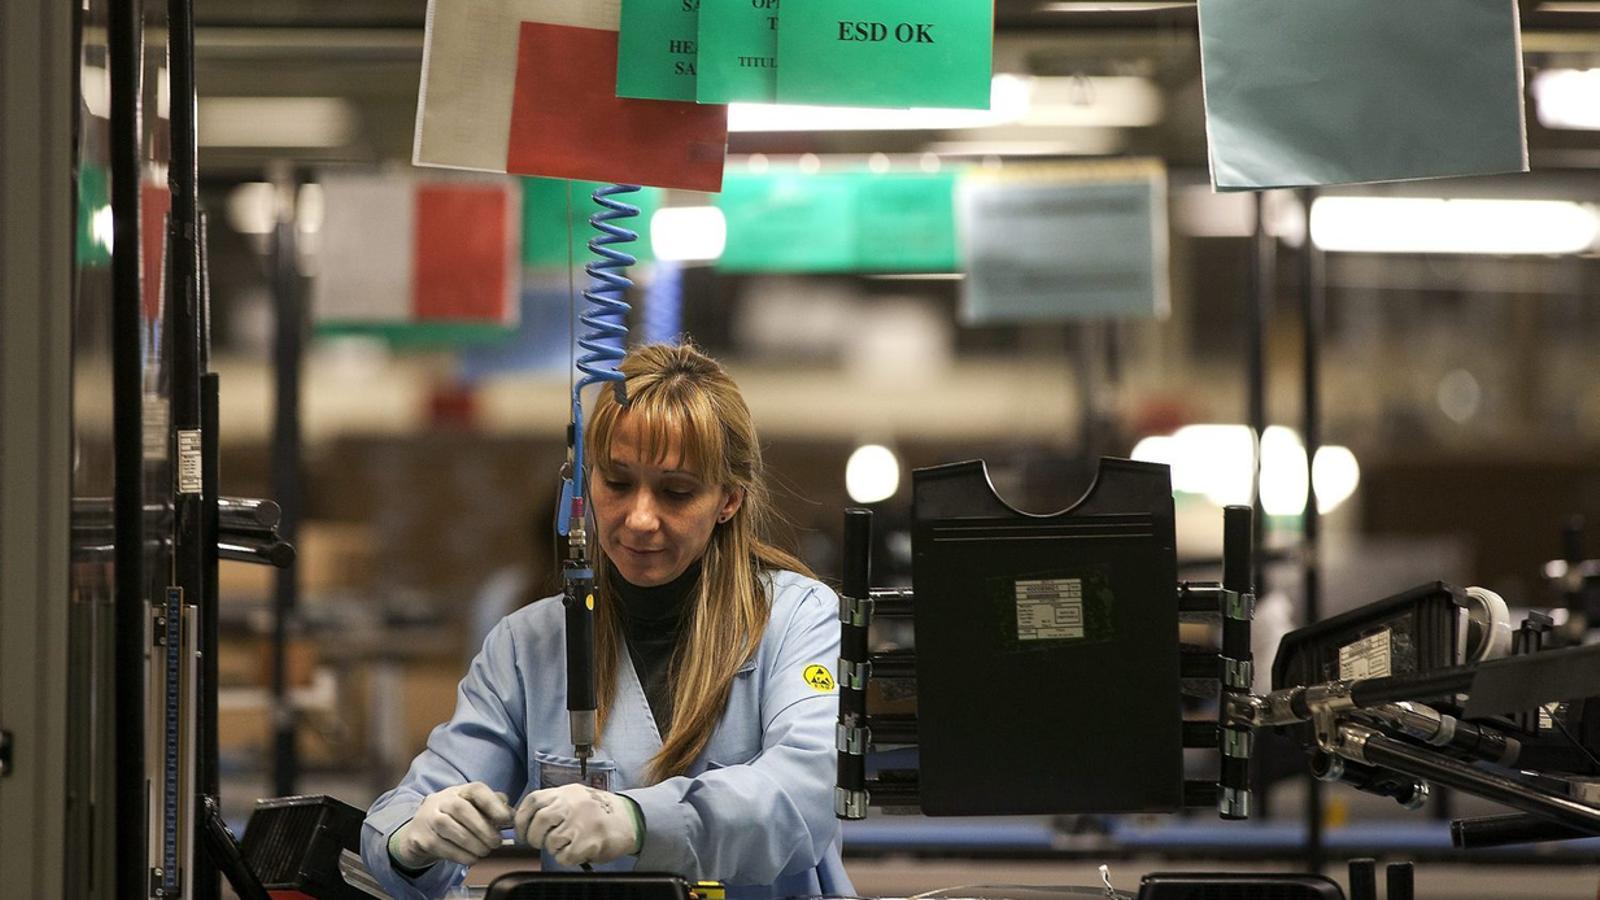 La bretxa salarial entre homes i dones a Catalunya és la novena  més alta de tot l'Estat.